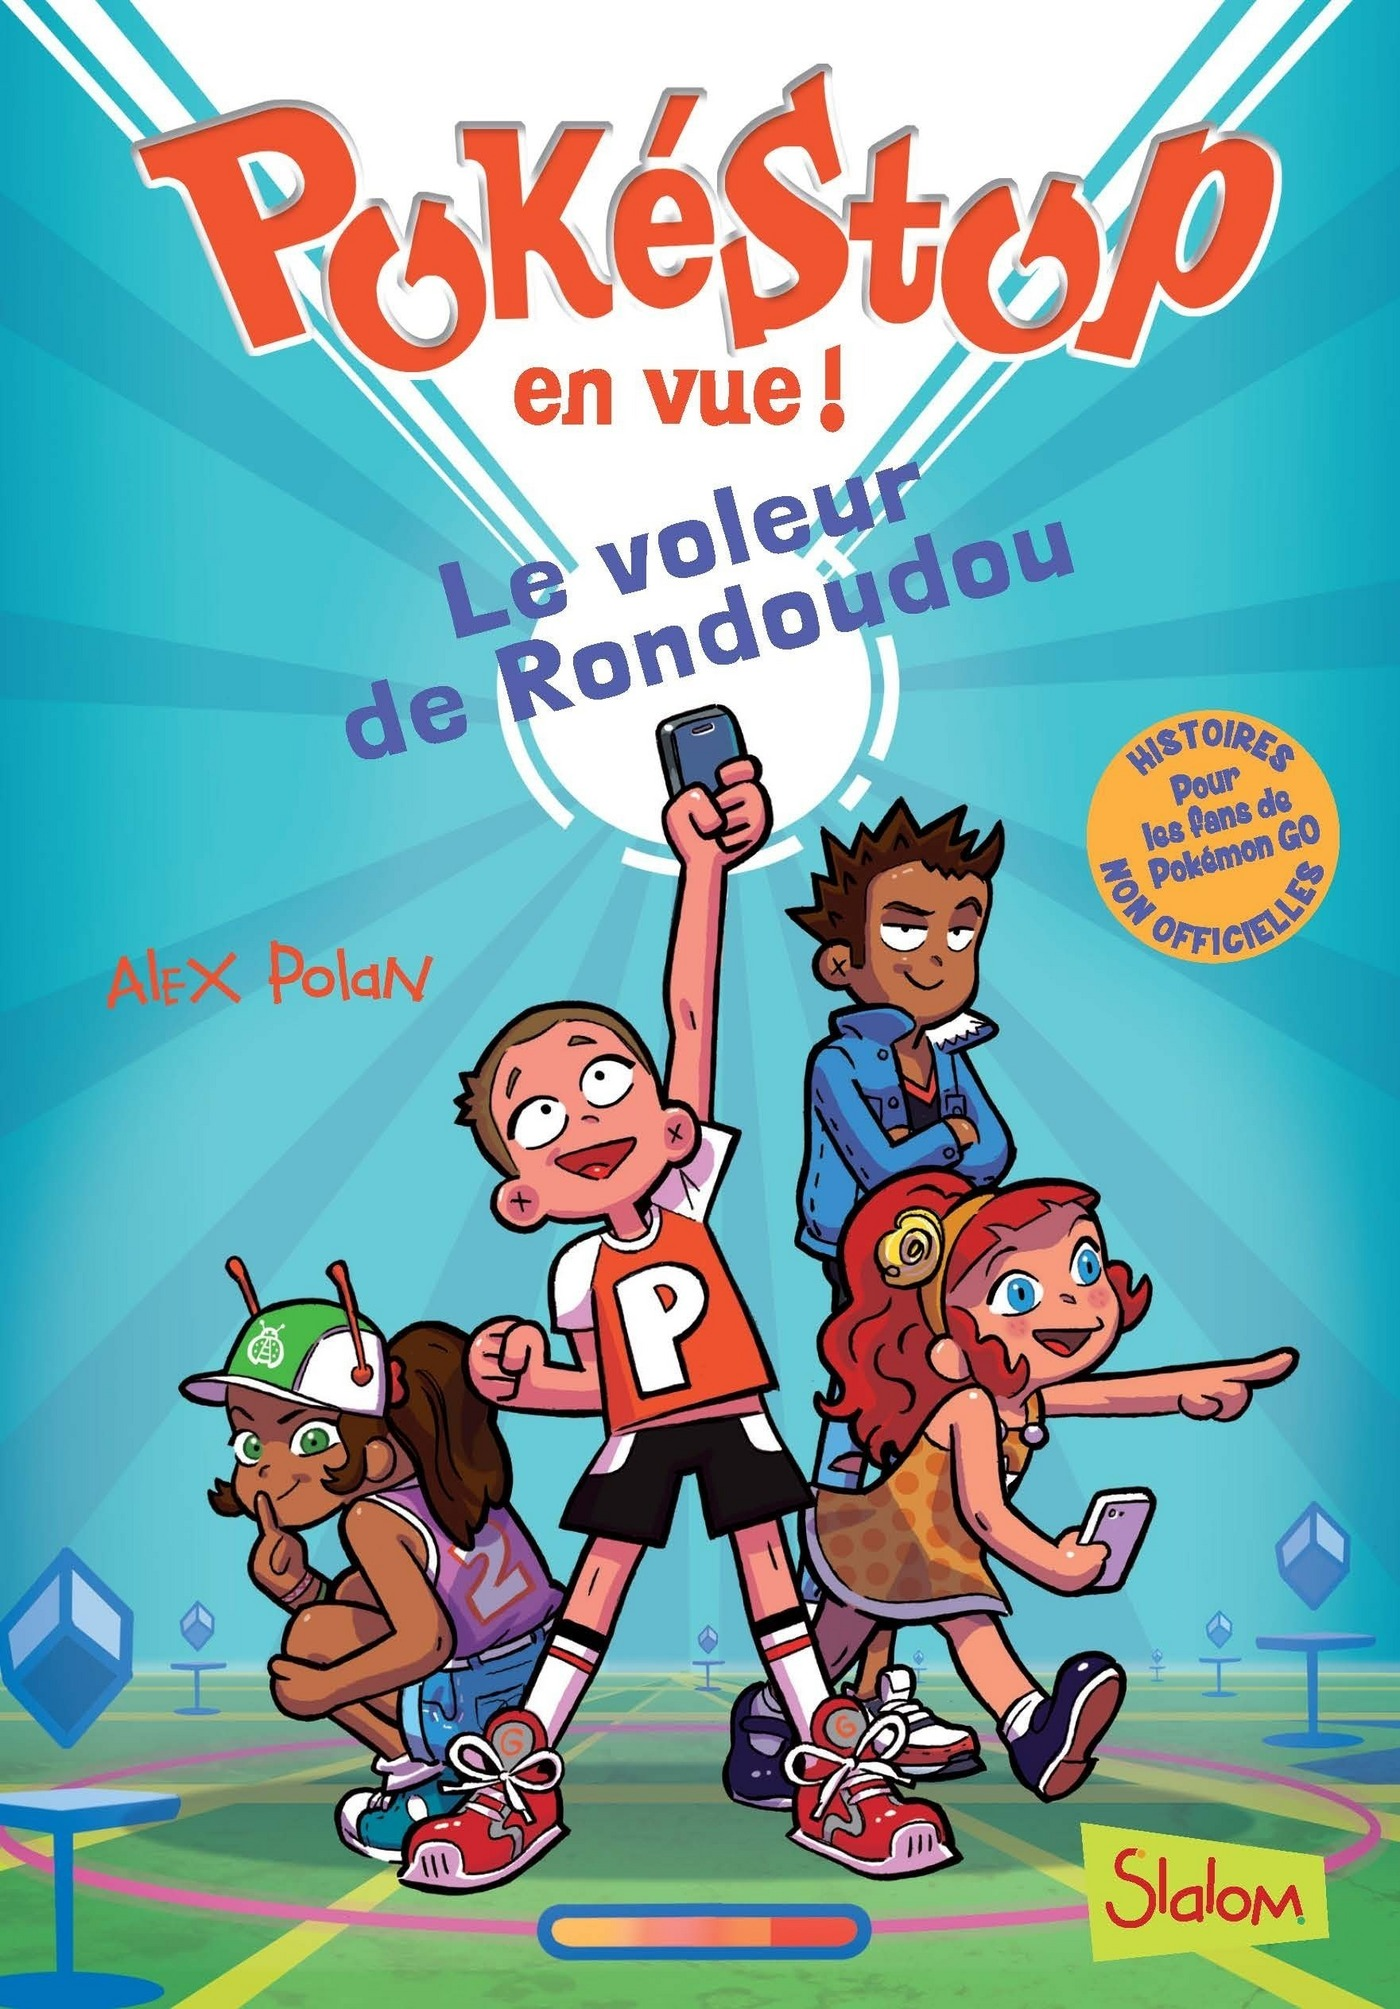 Pokéstop en vue! Tome 1 : Le Voleur de Rondoudou